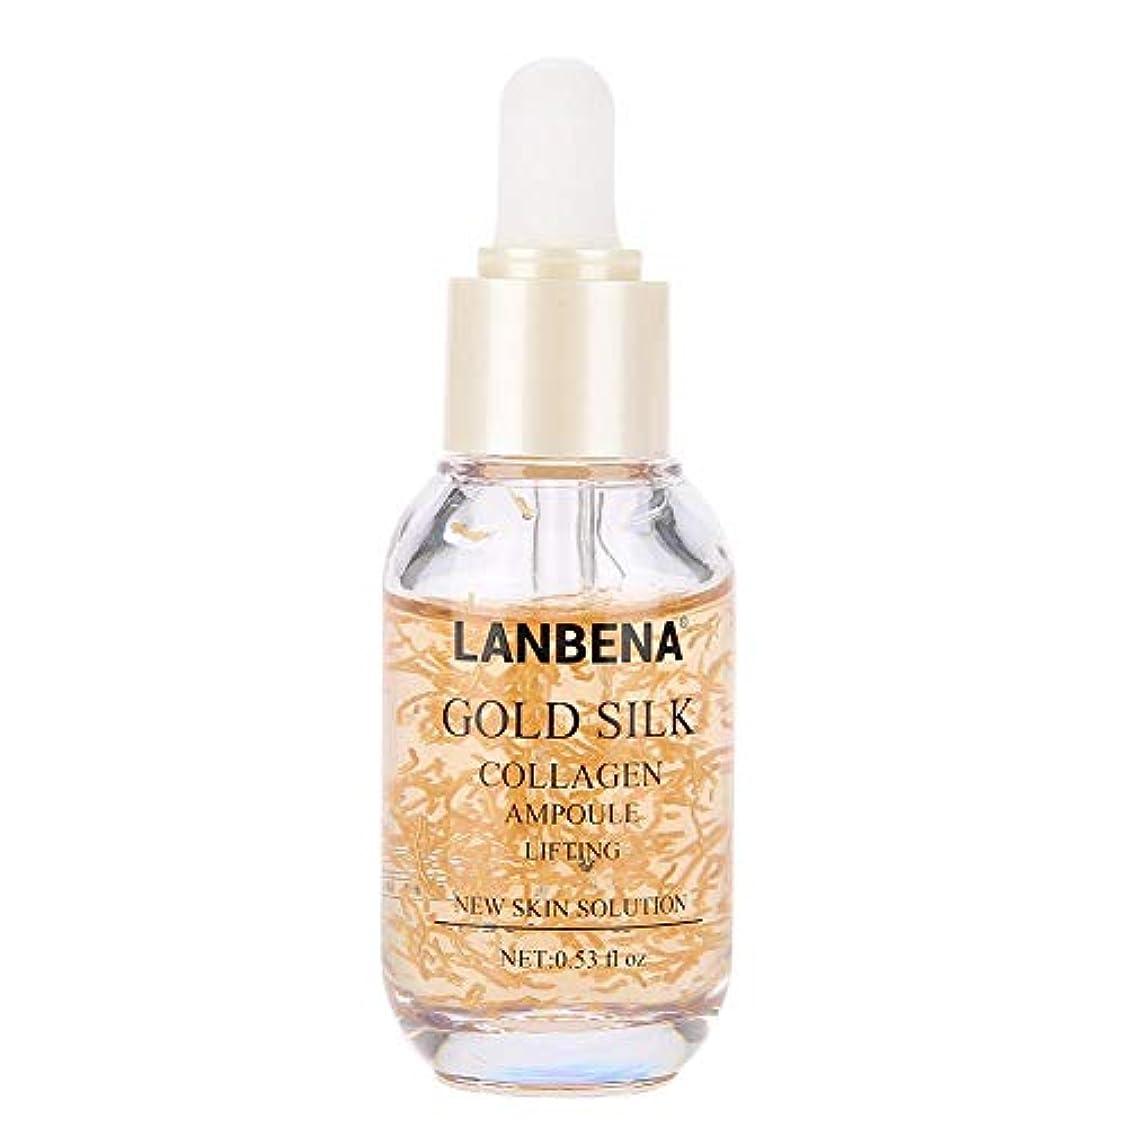 良いキラウエア山内なるコラーゲンフェイシャルエッセンス、肌への潤い 修理 保湿 引き締め 肌の輝き ユニセックス スキンケア製品